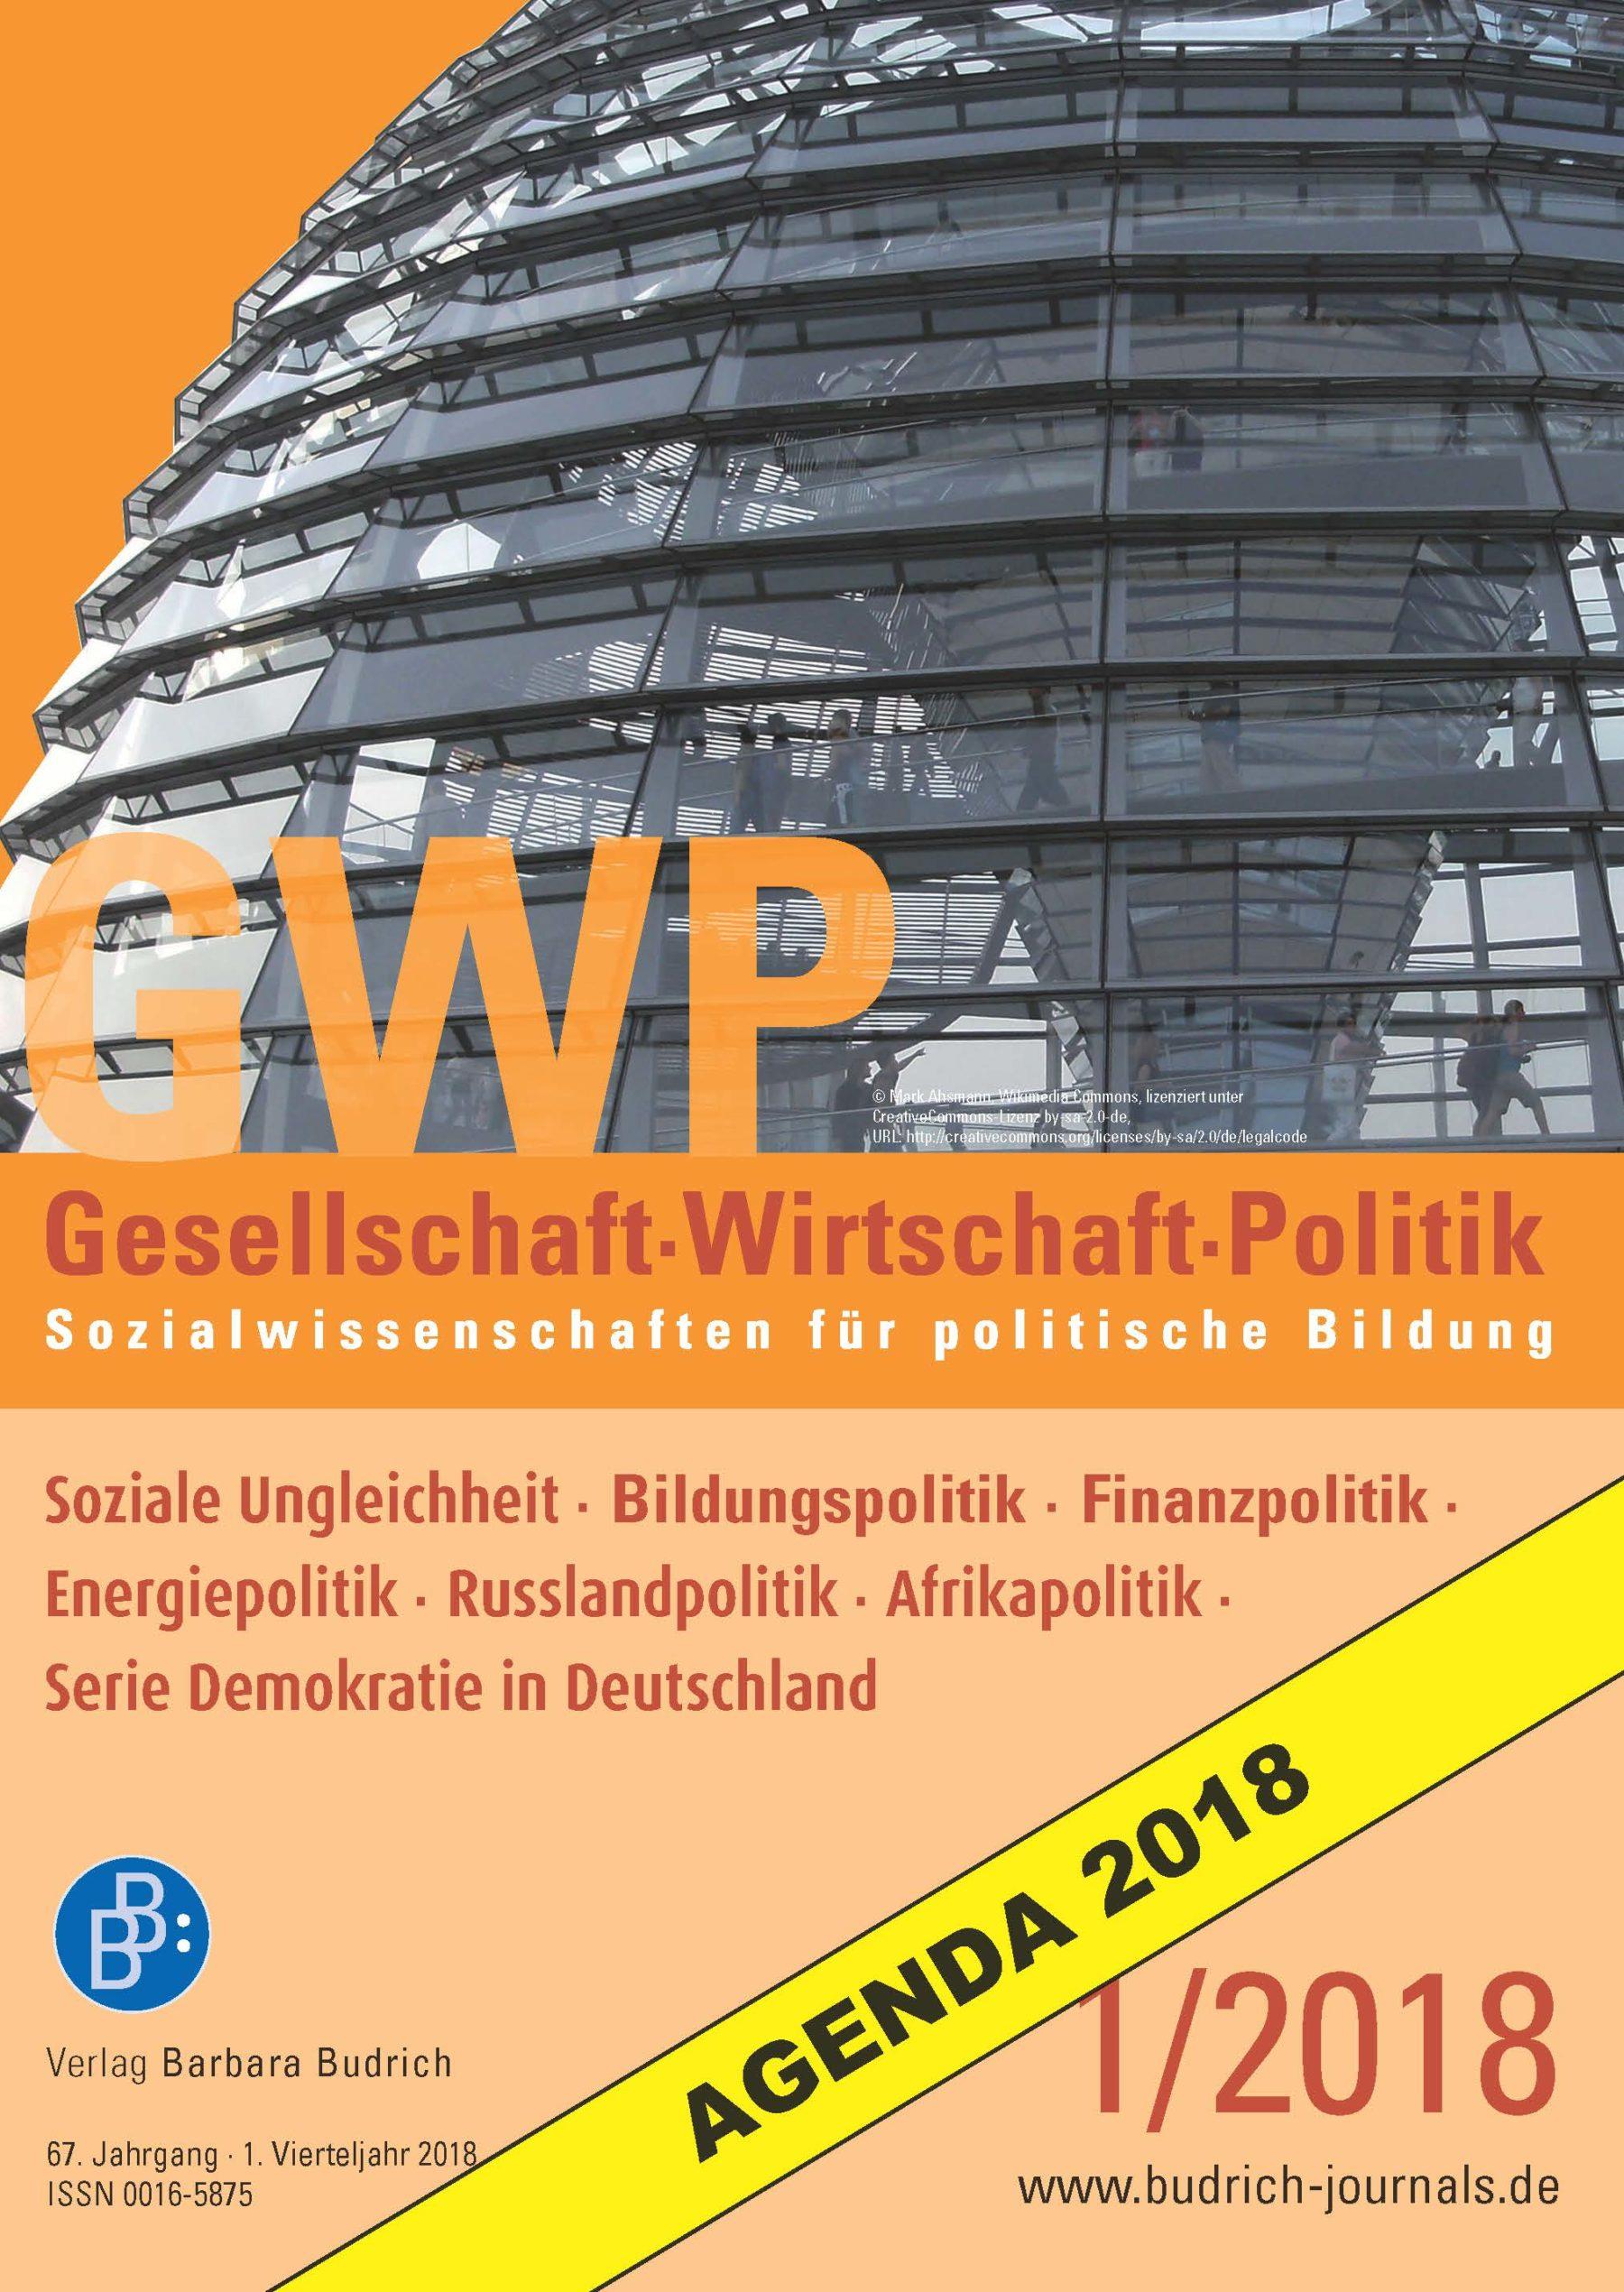 GWP 1-2018 | Soziale Ungleichheit · Bildungspolitik · Finanzpolitik · Energiepolitik · Russlandpolitik · Serie Demokratie in Deutschland